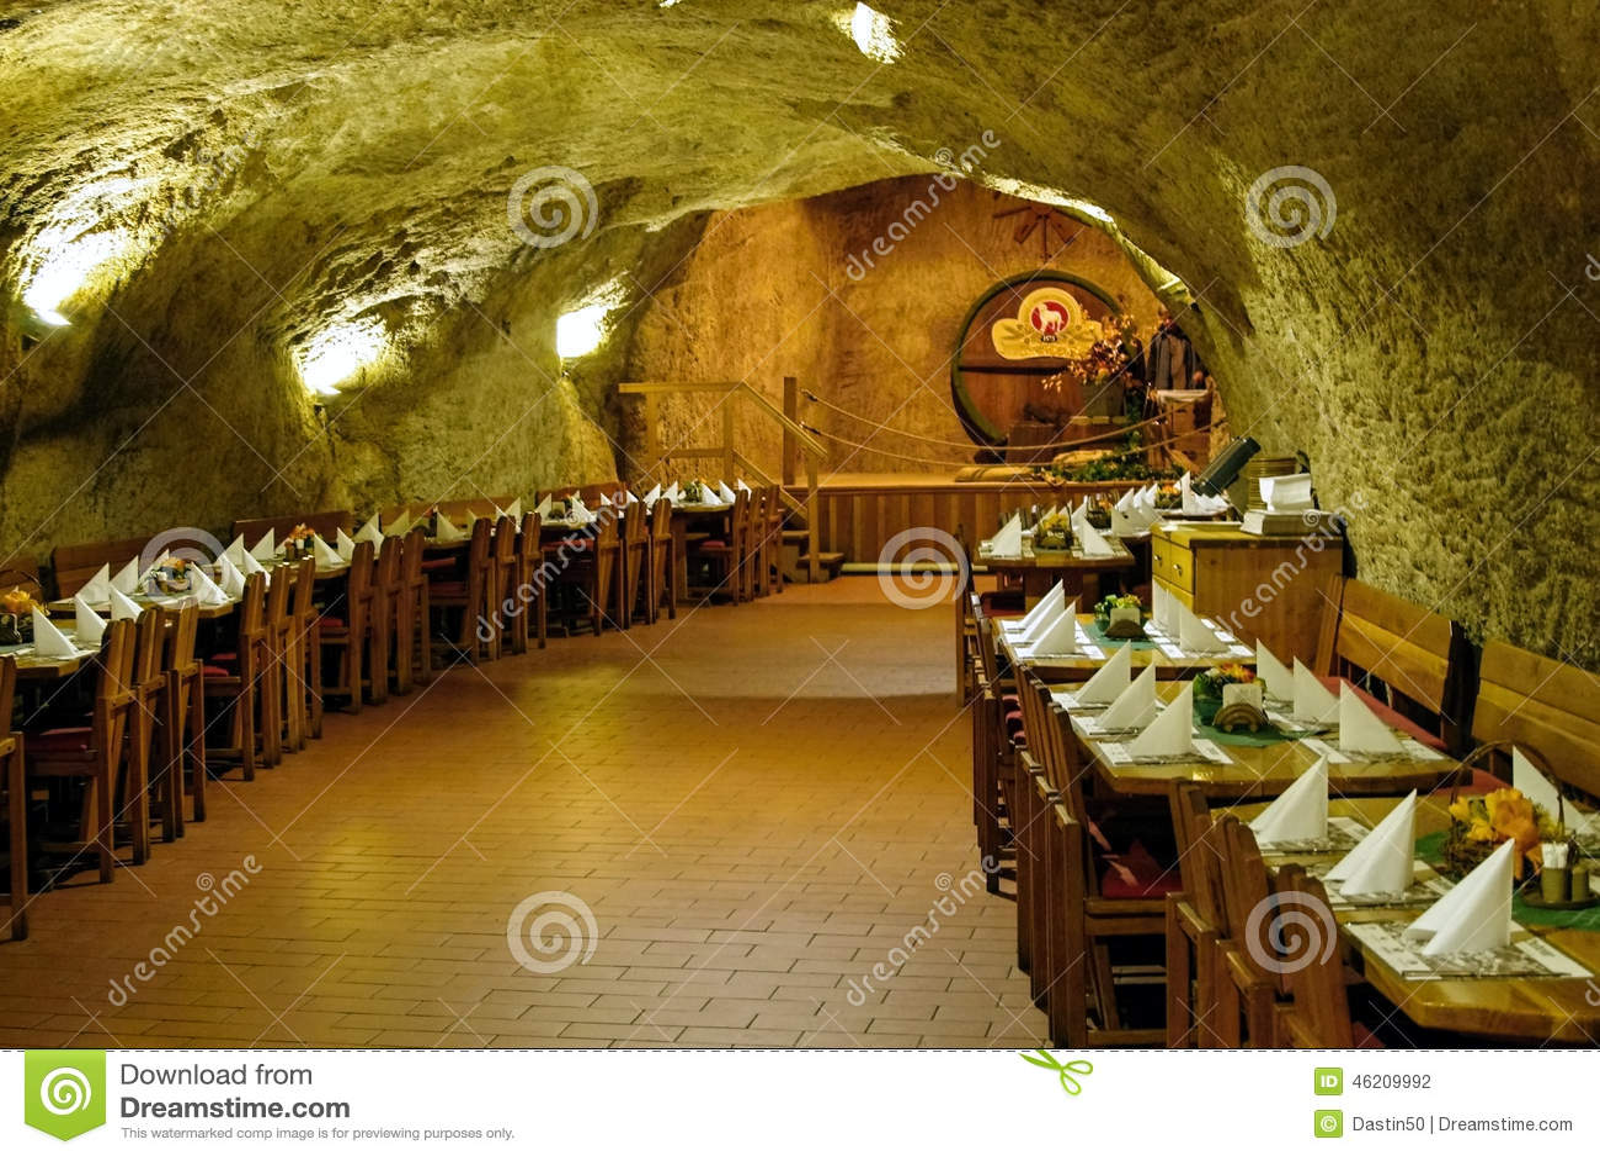 Im Felsen Restaurant Chodova Plana Tschechische Republik Redaktionelles Stockfotografie Bild Von Gaststatte Brauerei 46209992